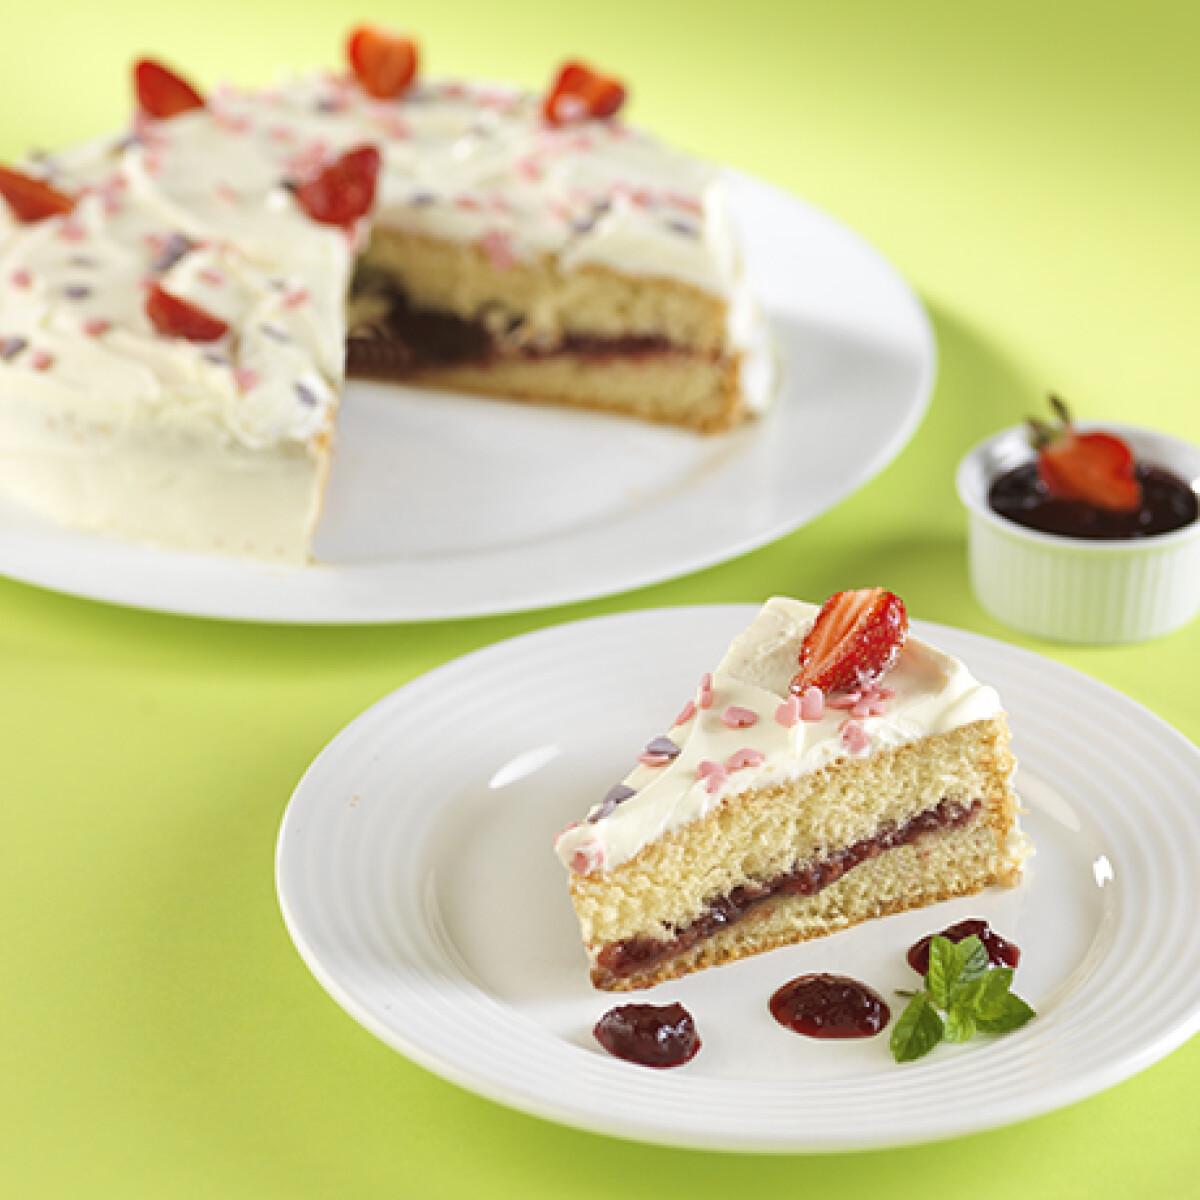 Ezen a képen: Krémsajtos fehércsokoládé torta eperlekvárral